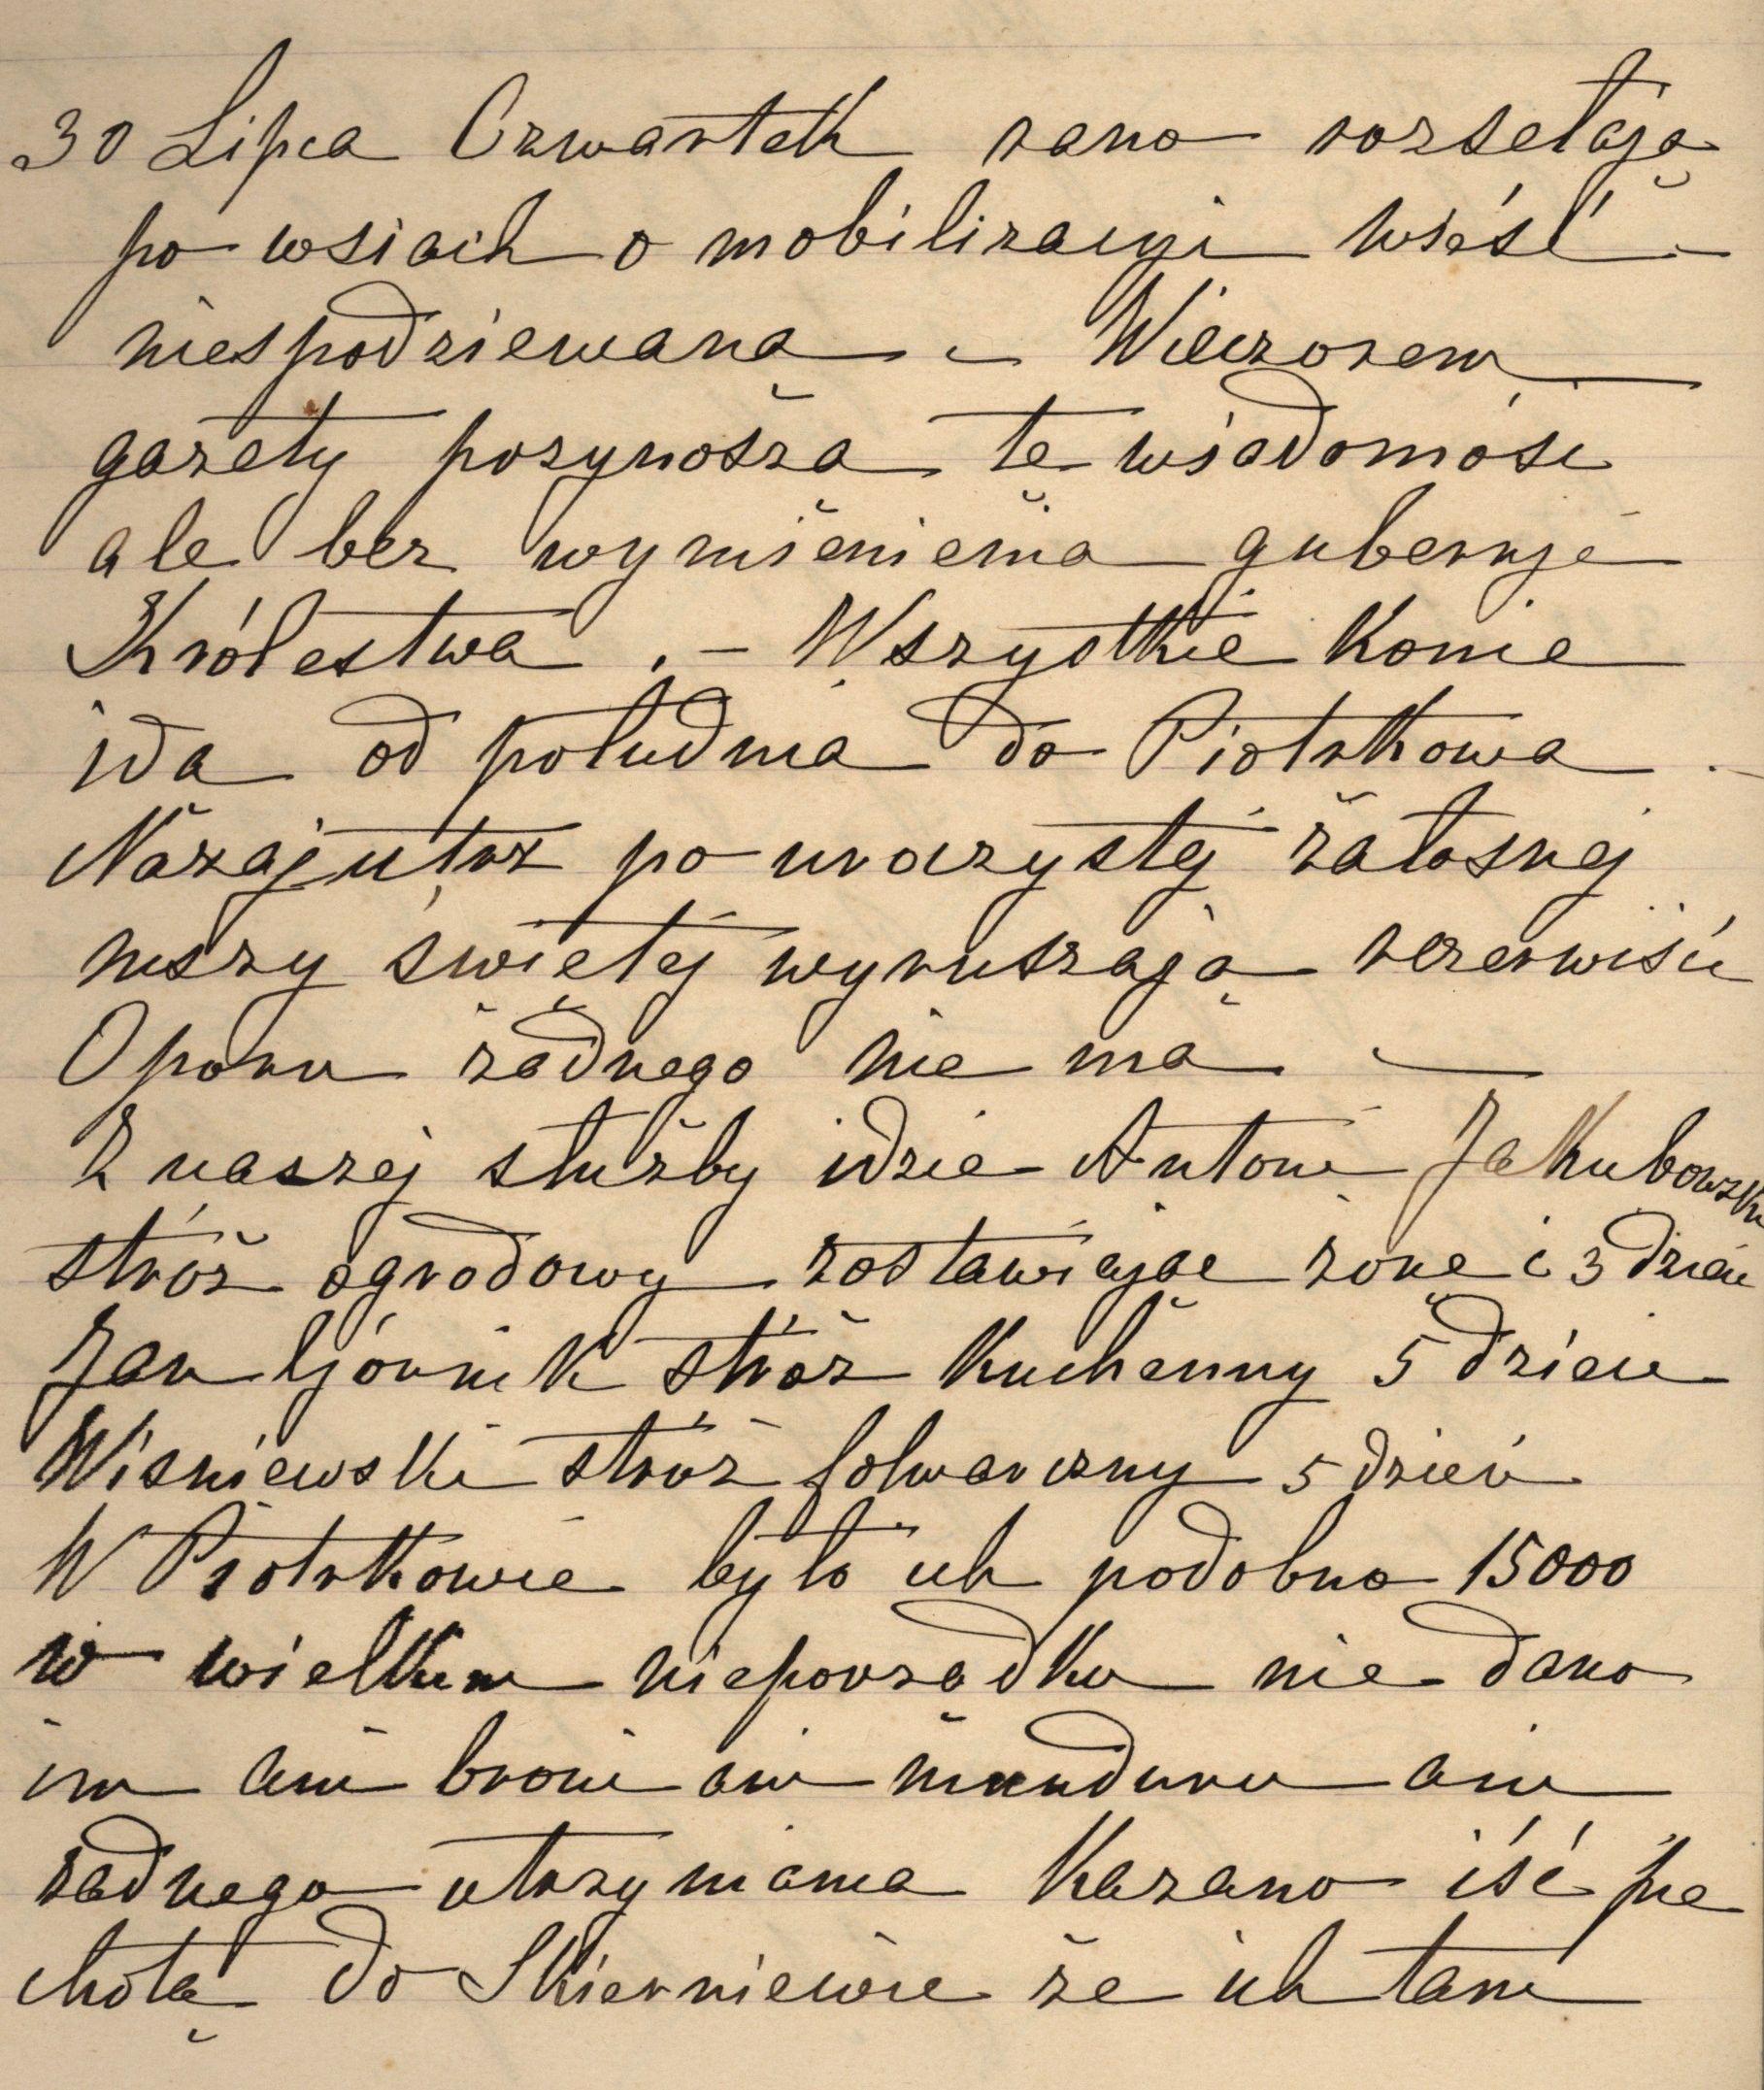 Jedna ze stron pamiętnika prowadzonego przez hrabinę Ostrowską